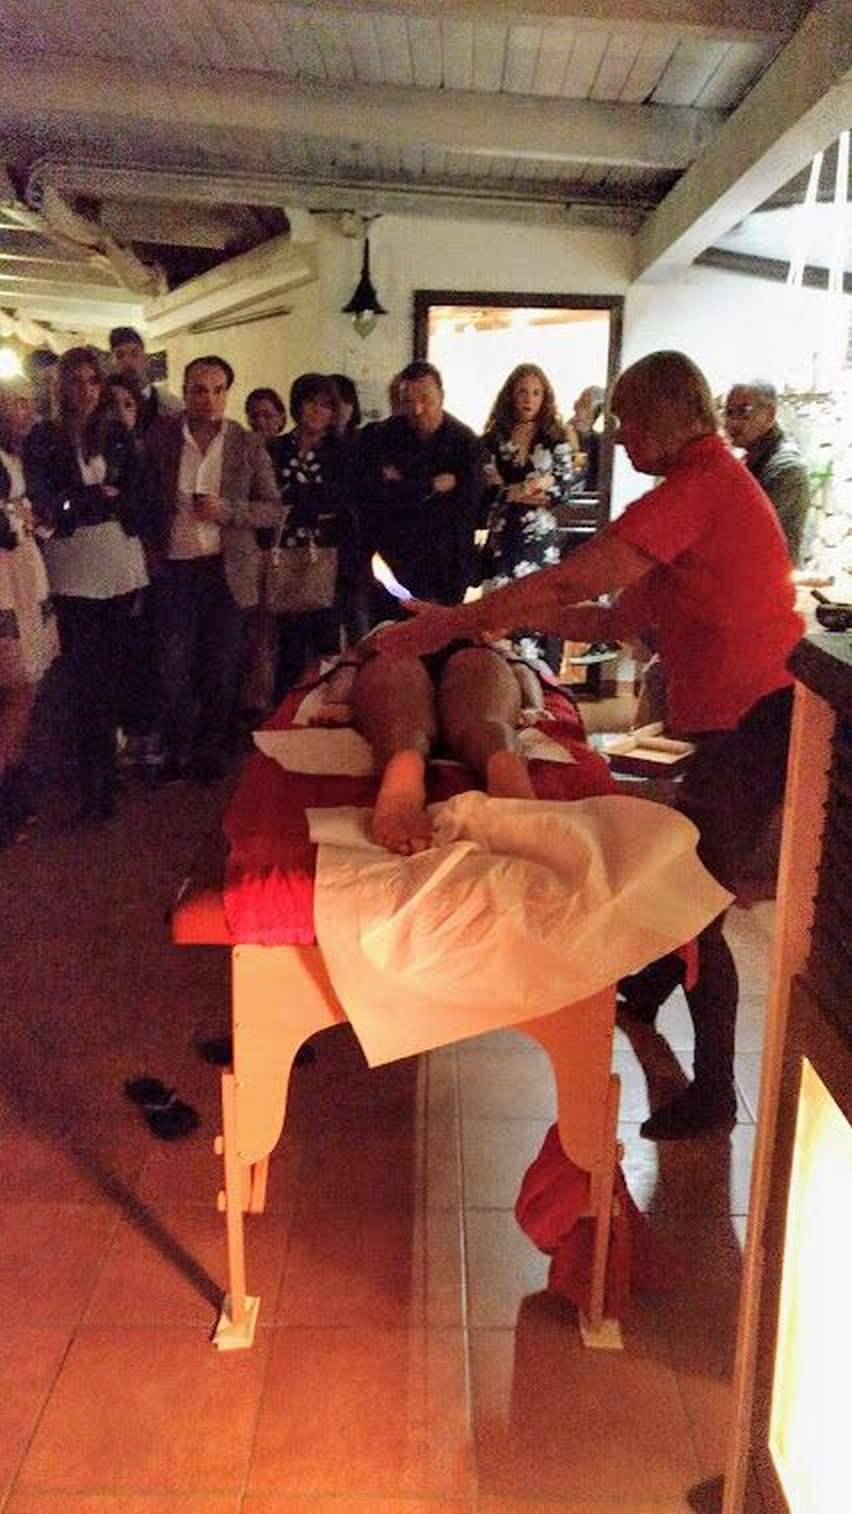 Massaggi: 5 benefici fisici e mentali 2 #salute